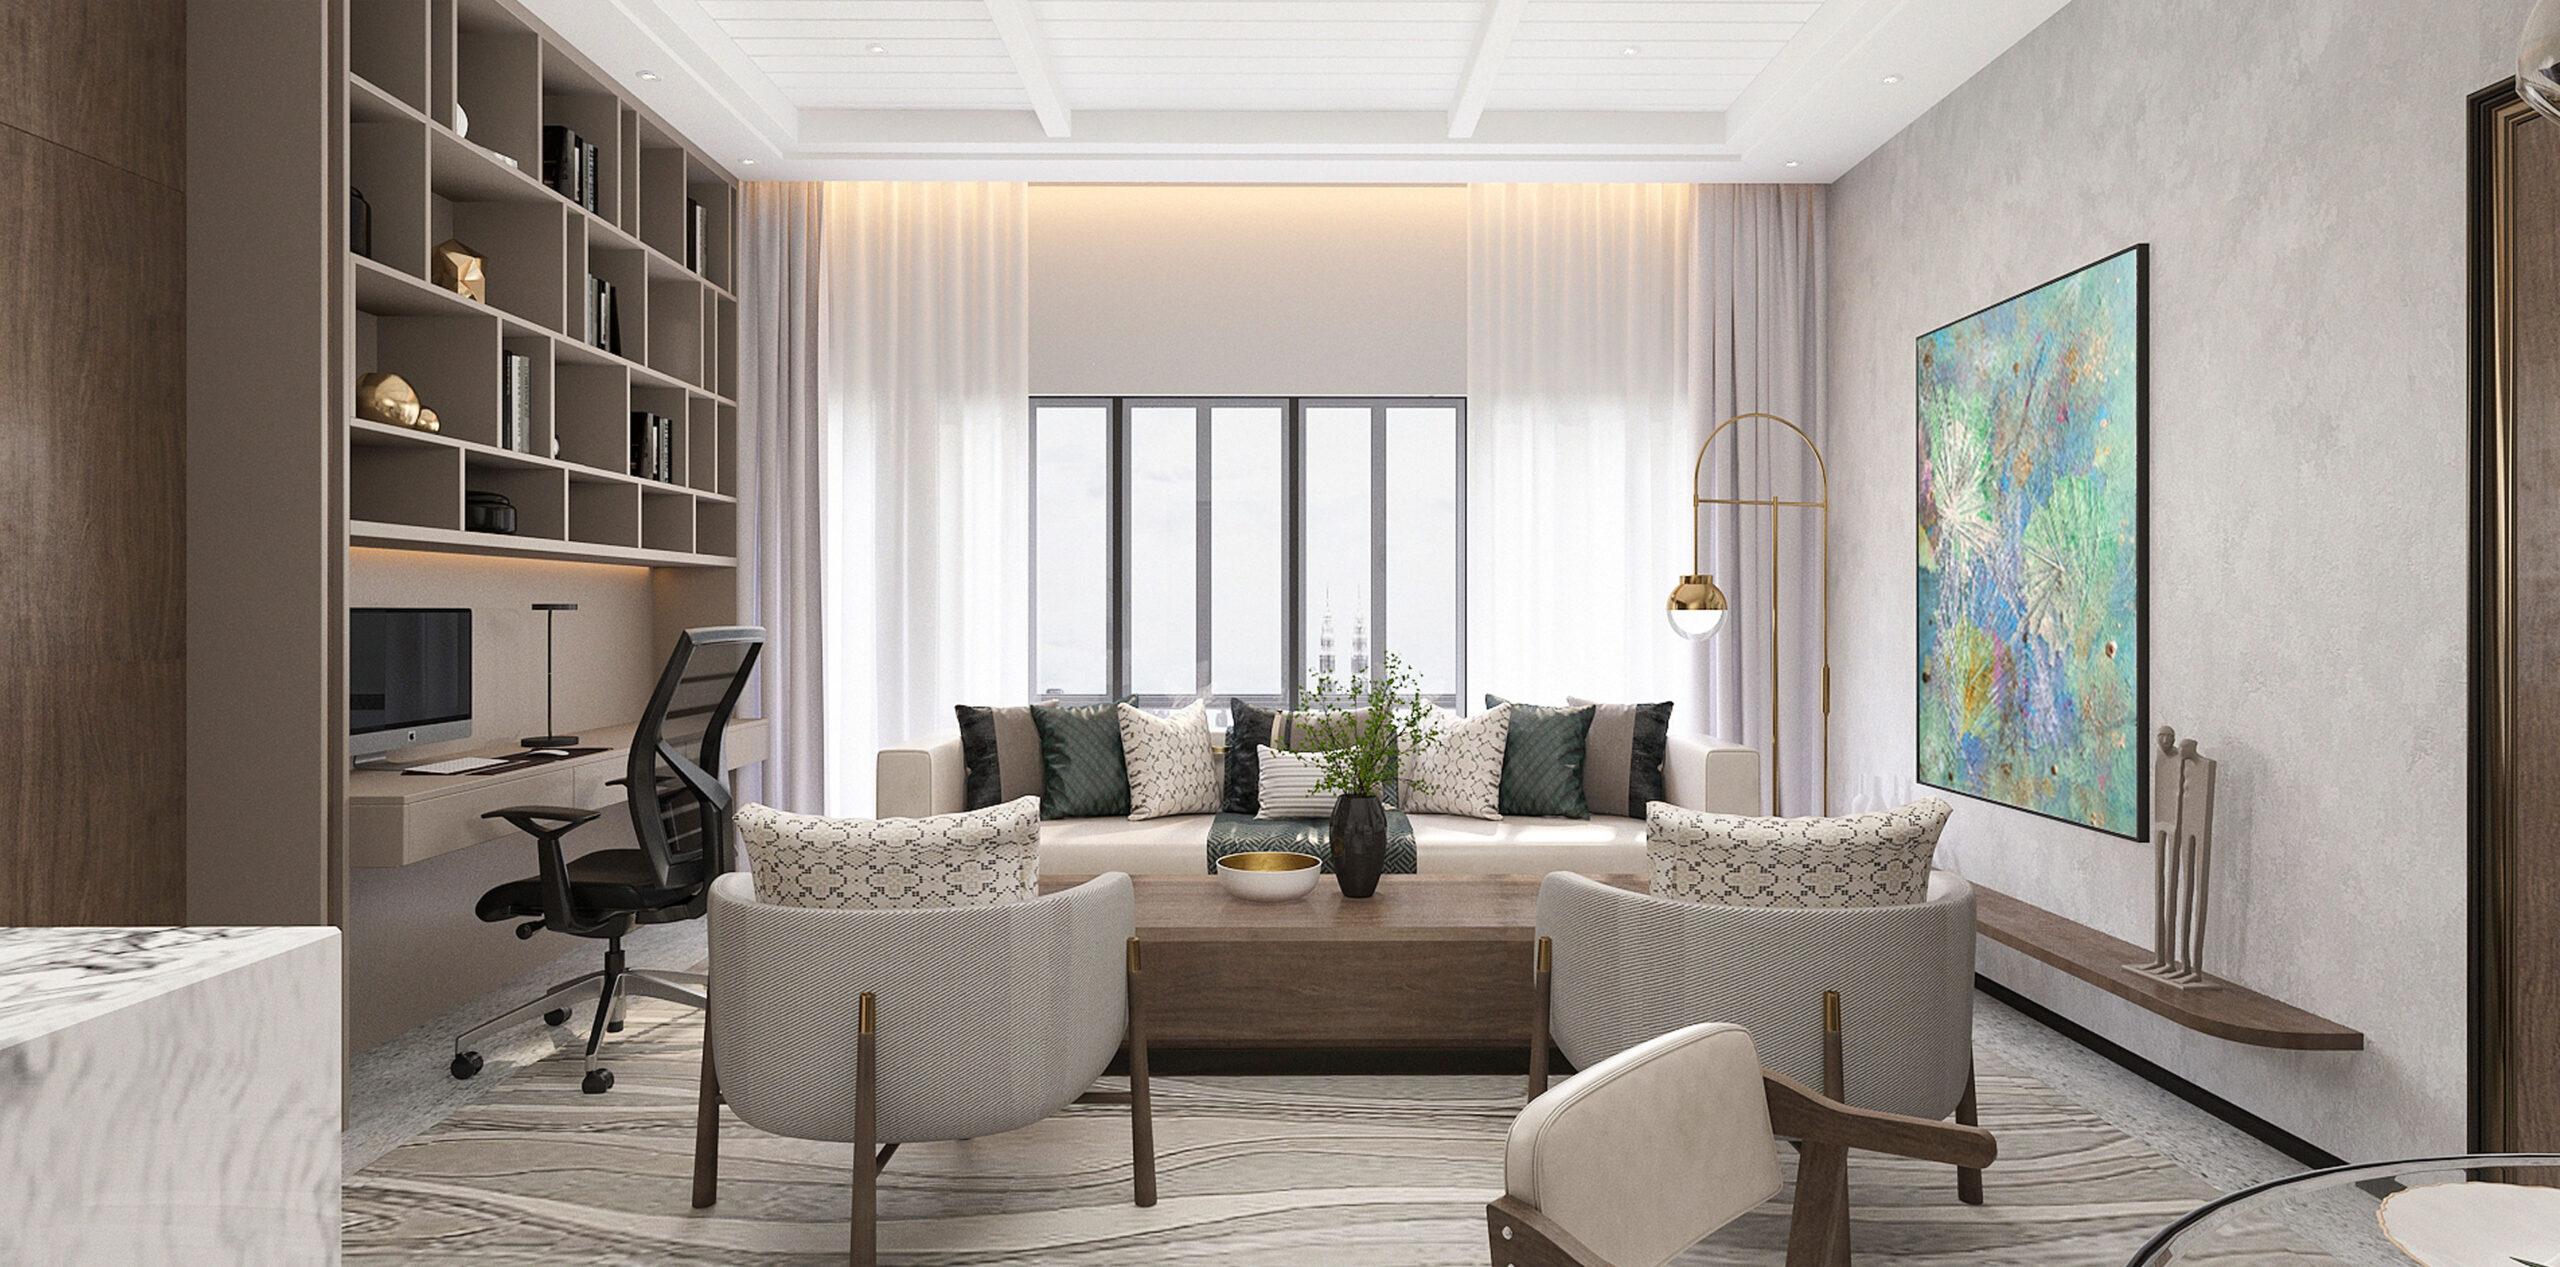 Interior design of a room at Alfa Bangsar.